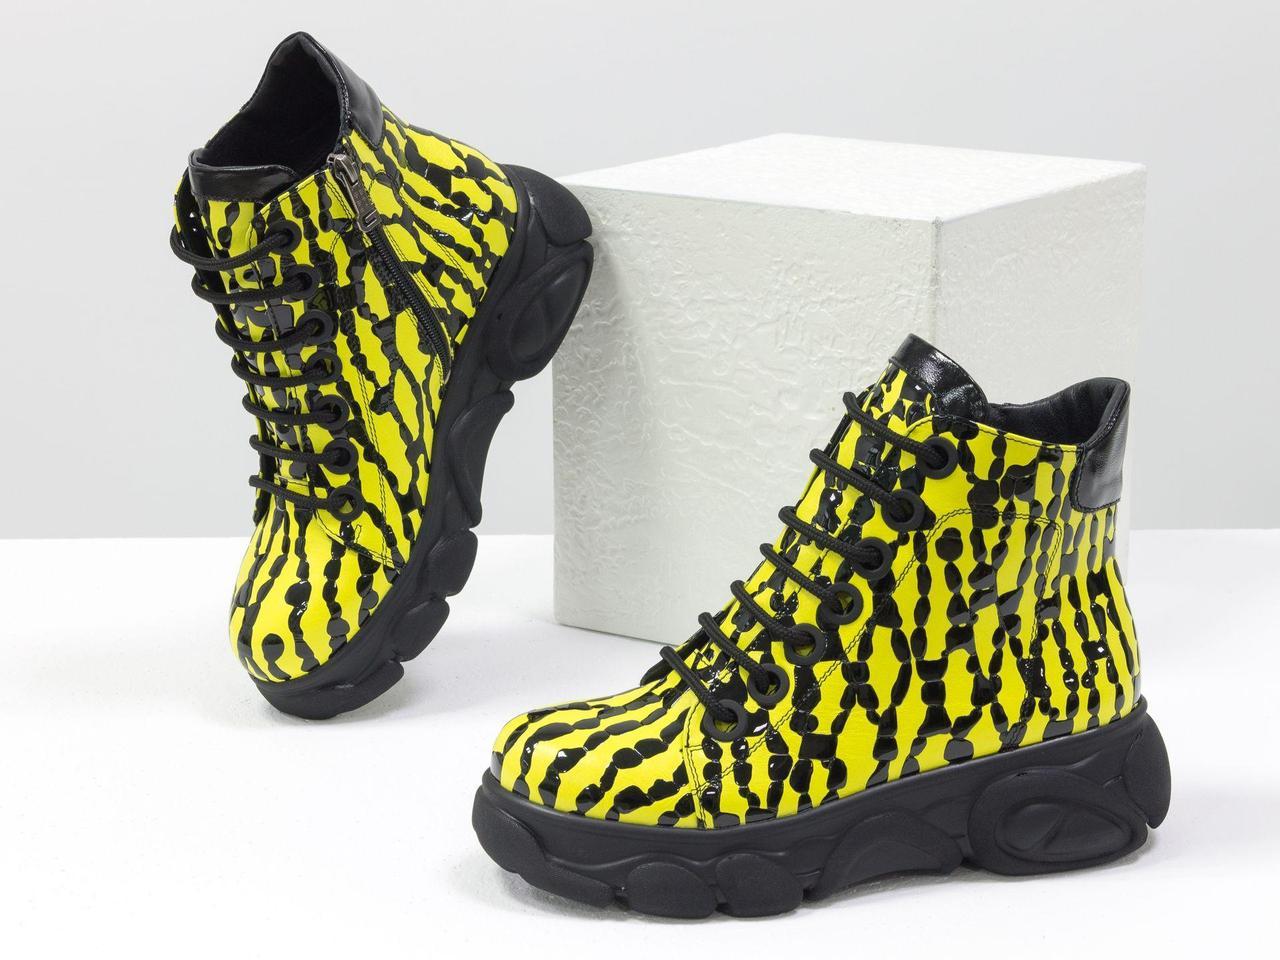 Яркие женские ботинки на шнуровке, из натуральной кожи желтого цвета с черными каплями лака